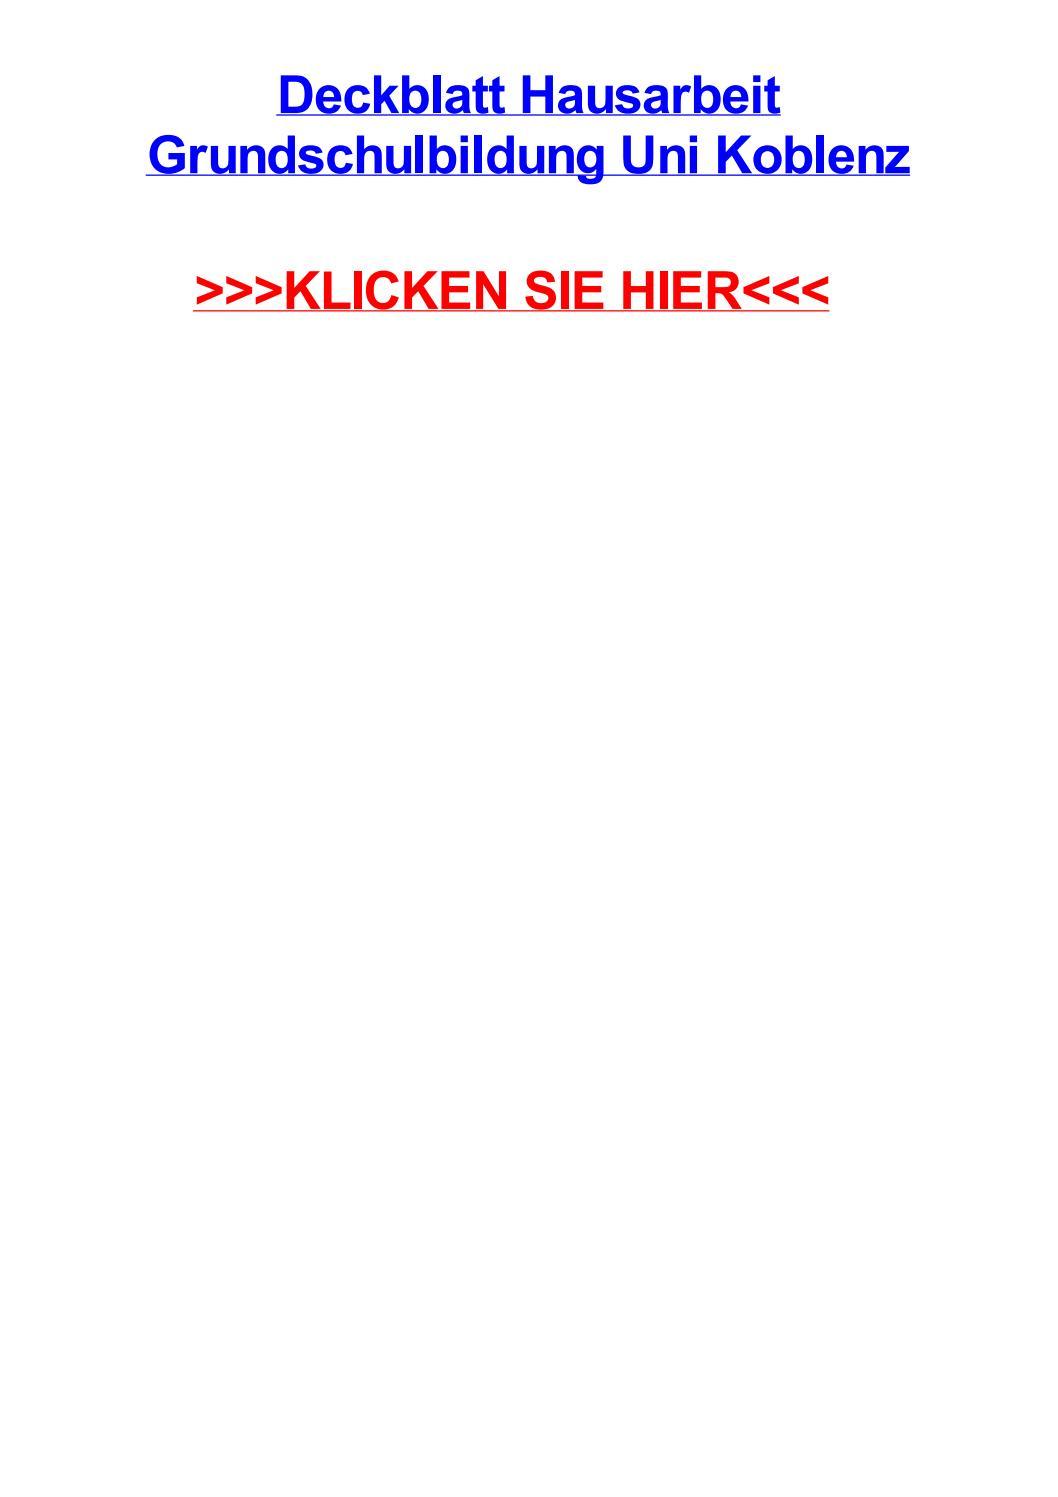 Deckblatt hausarbeit grundschulbildung uni koblenz by marianntv - issuu